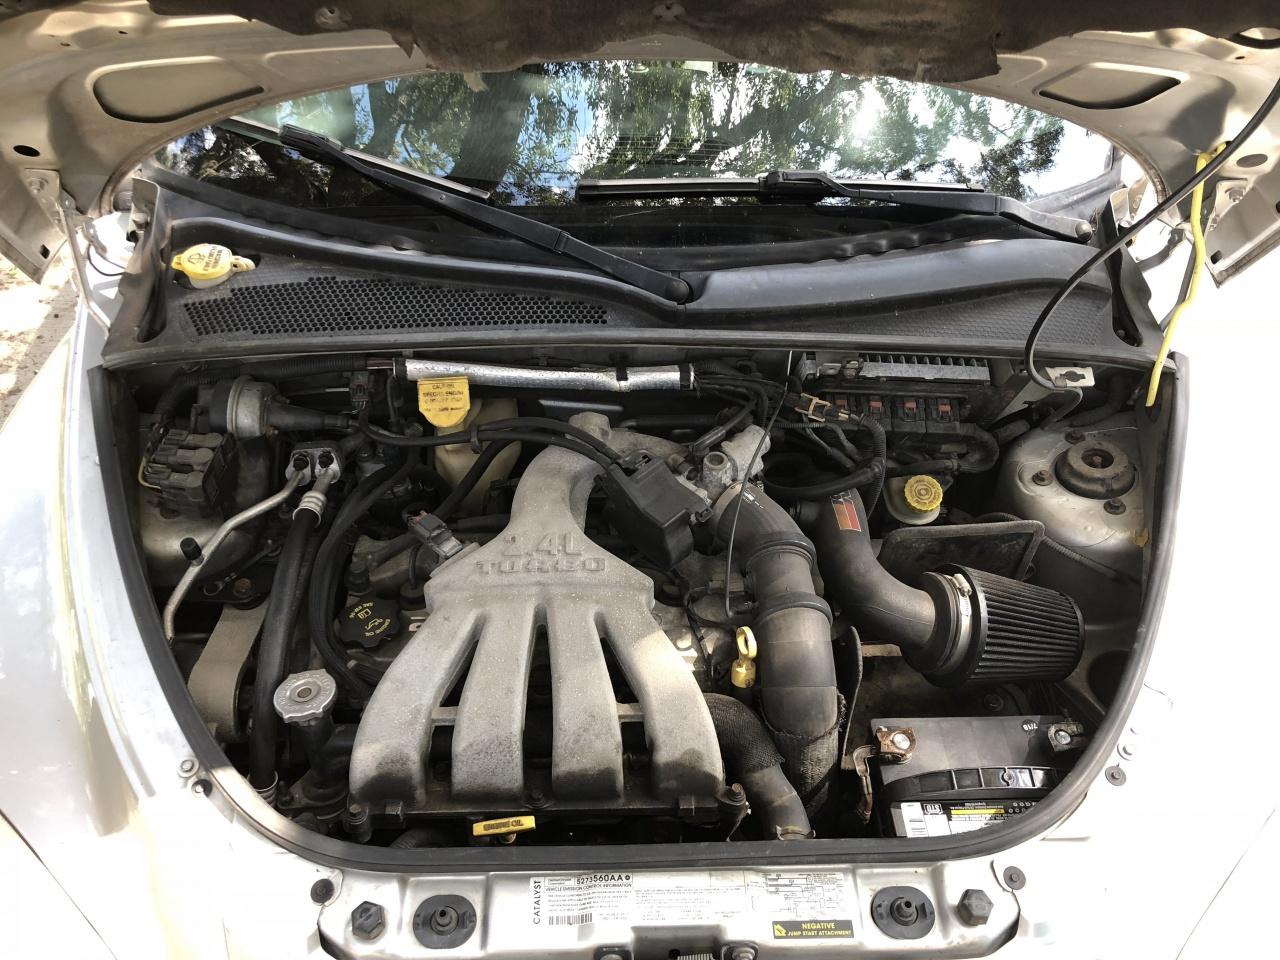 2004 Chrysler PT Cruiser GT Turbo 2.4l - 00 143k miles-img_1442-jpg